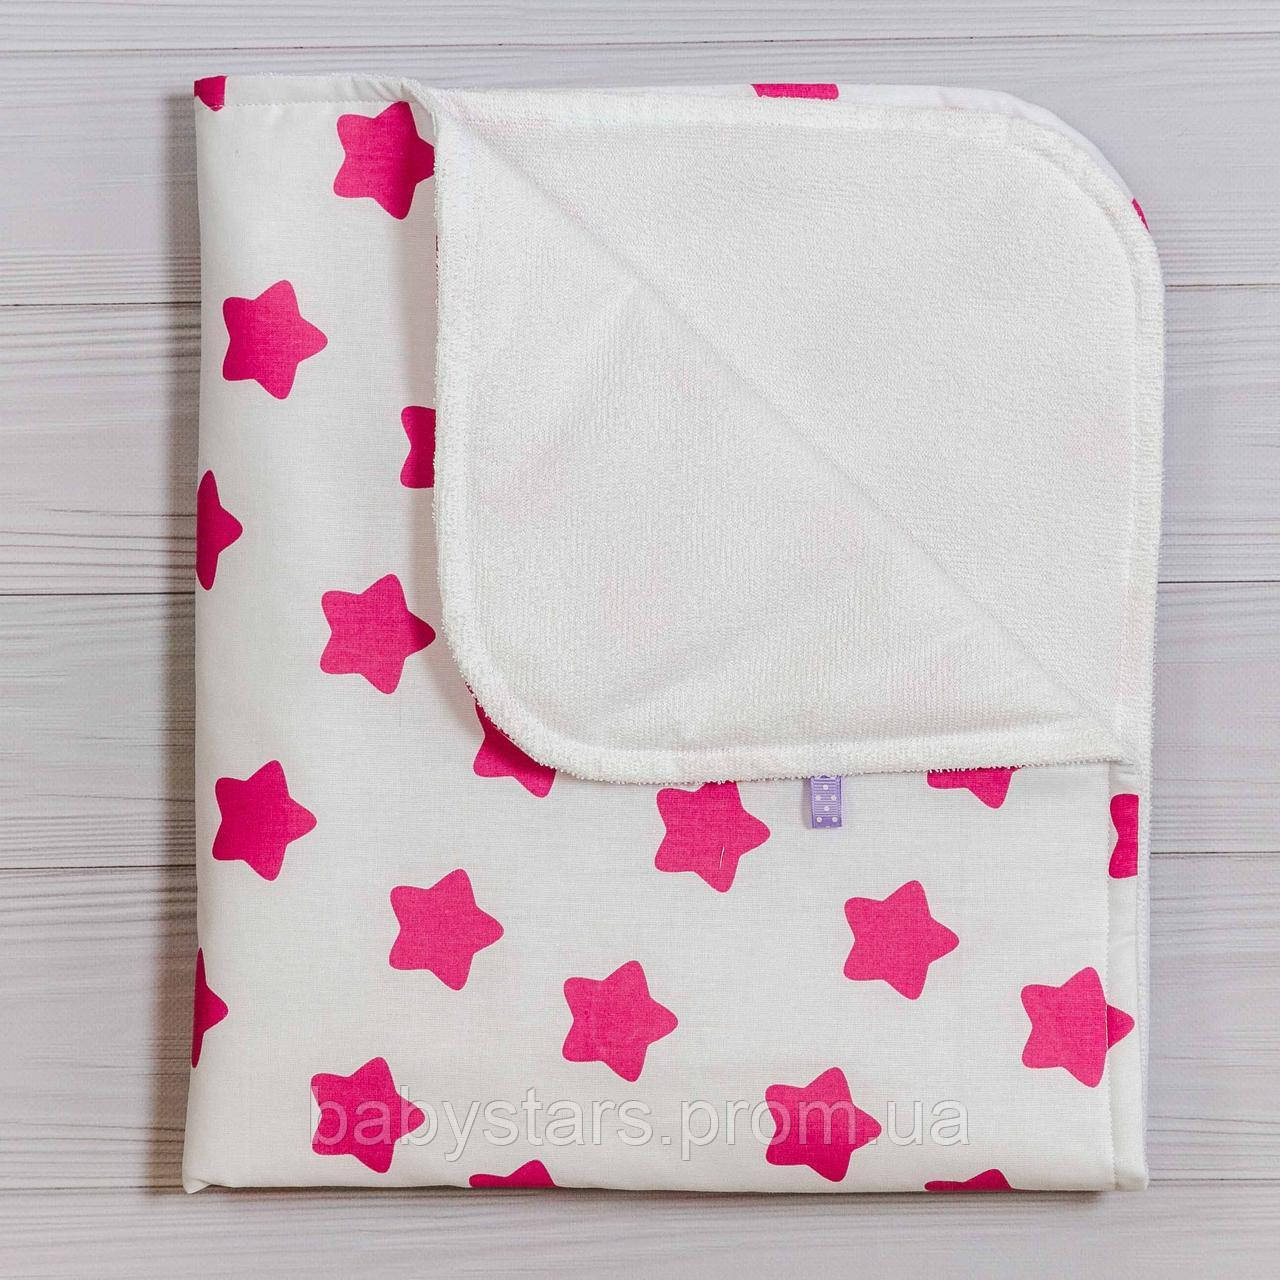 Непромокаемые пеленки для новорожденного (размер 70х80 см), Розовые звезды